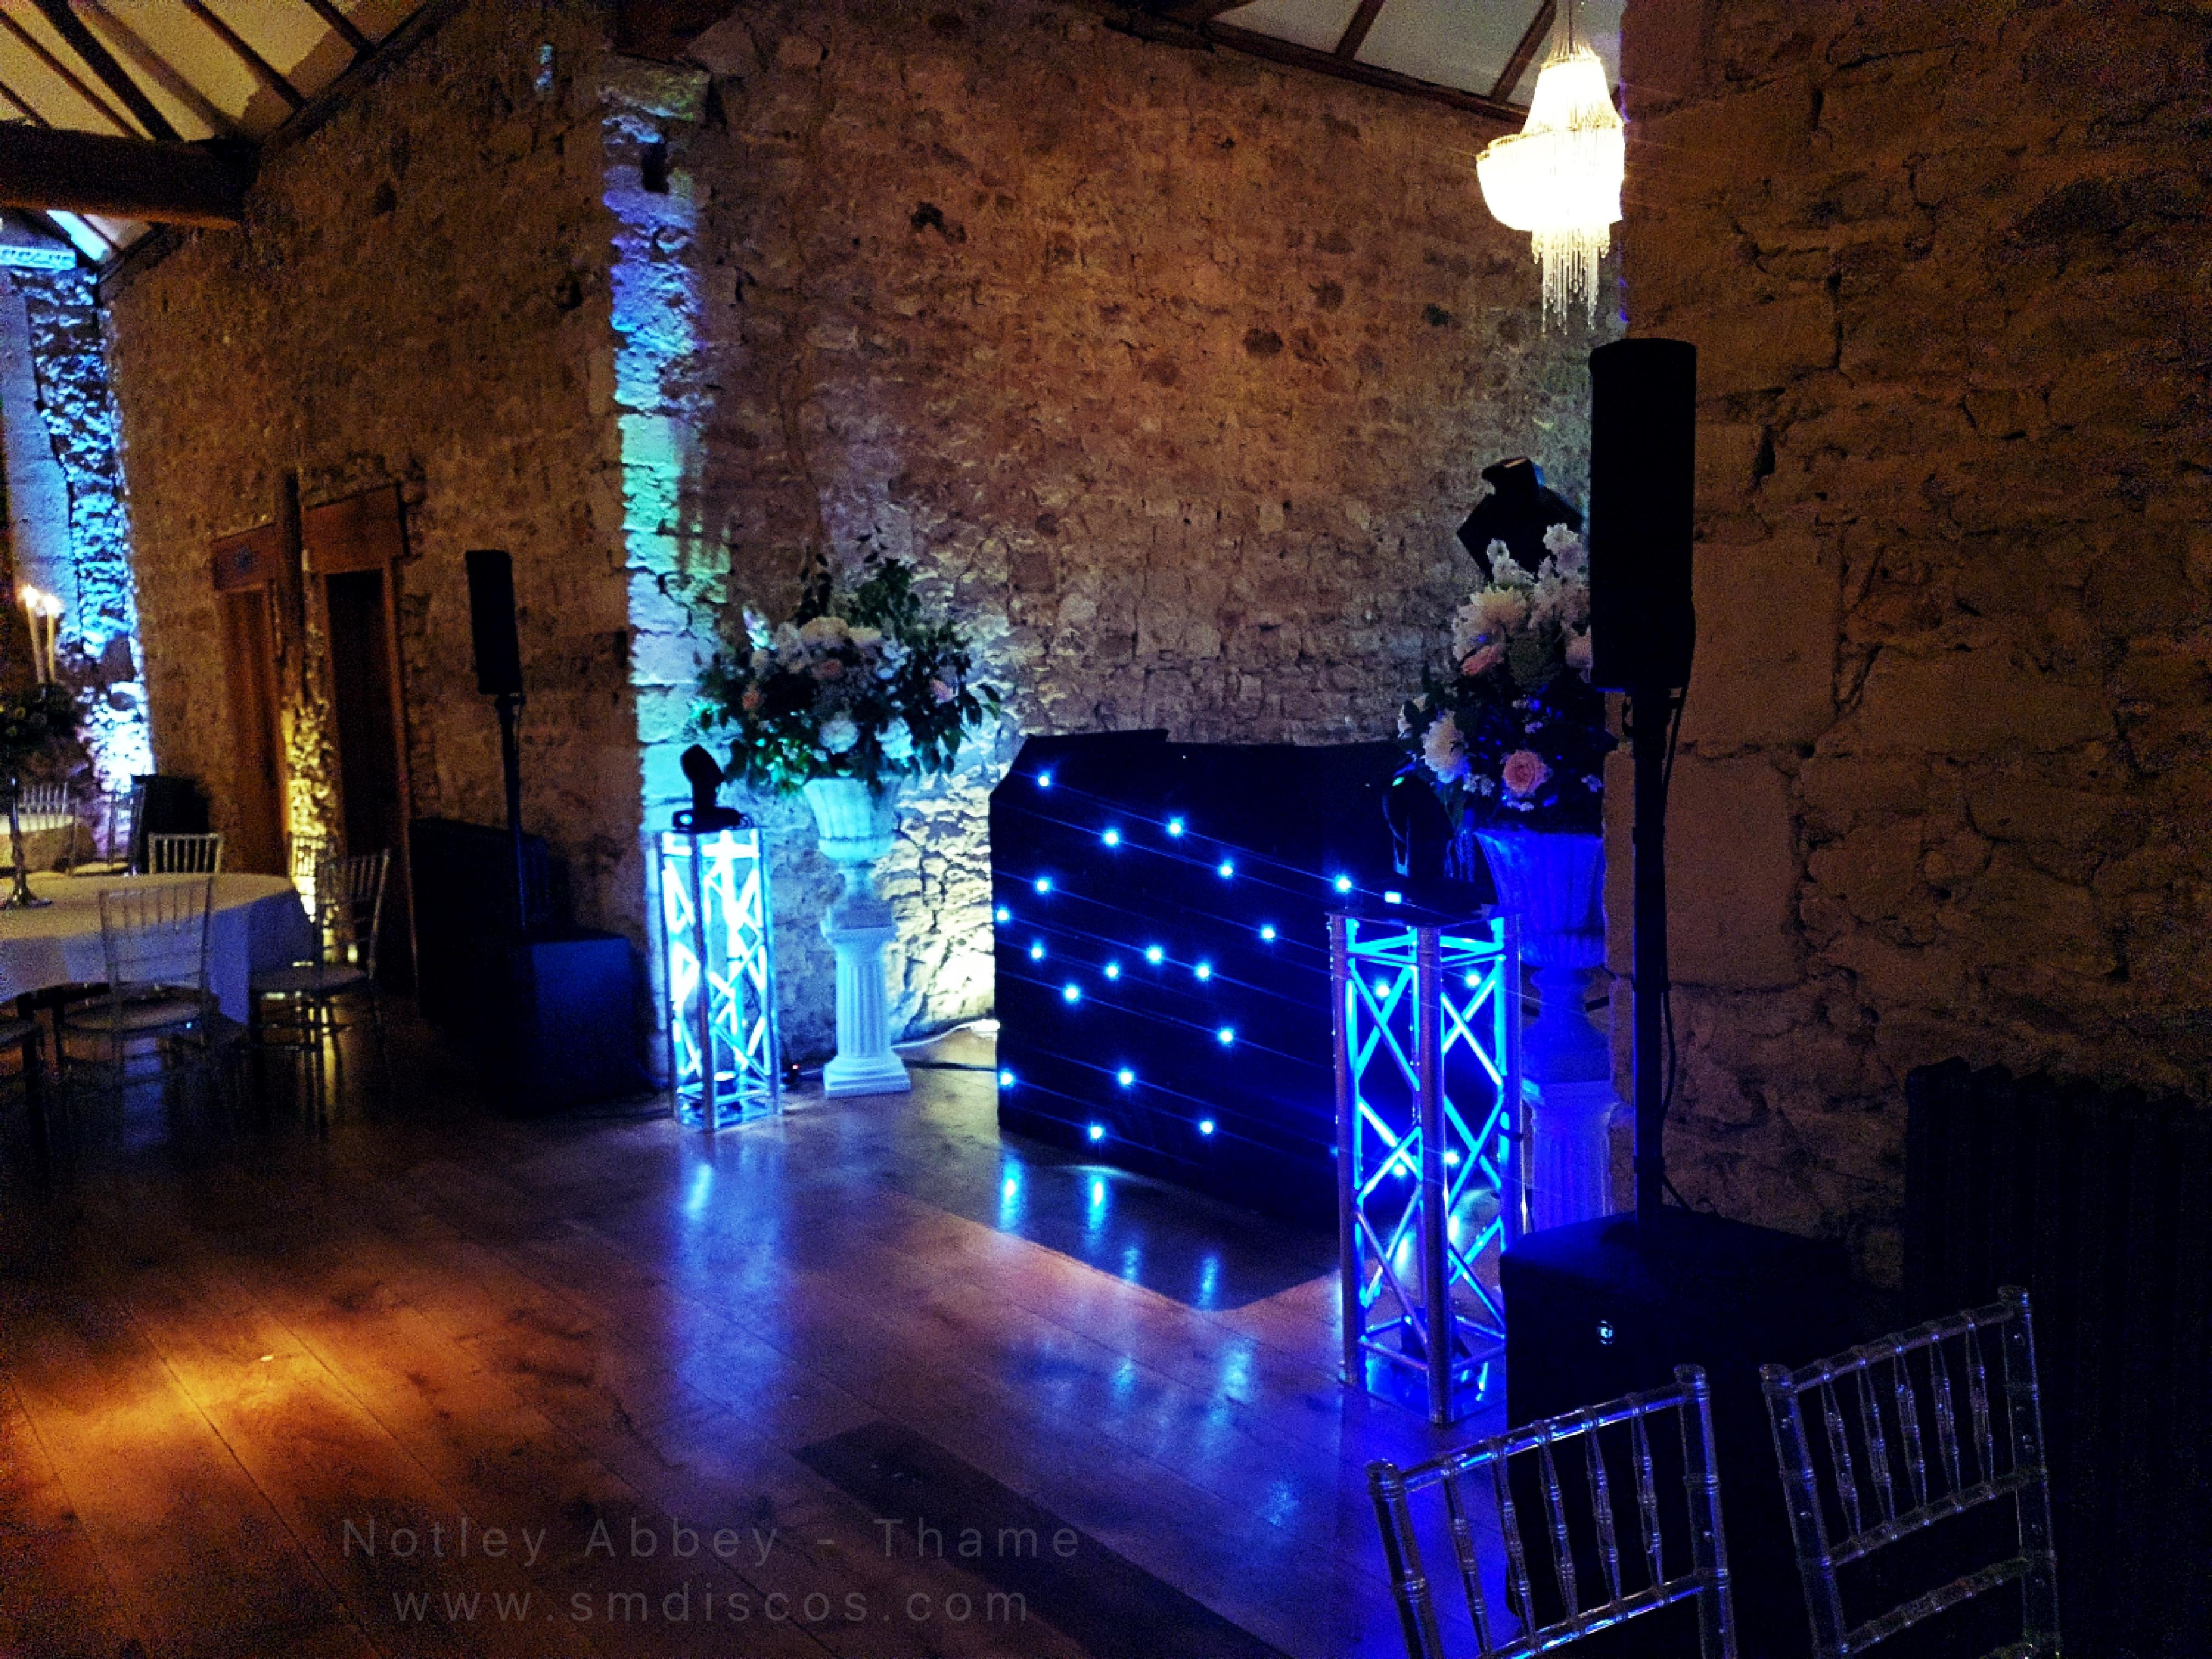 Notley Abbey in Thame Wedding DJ